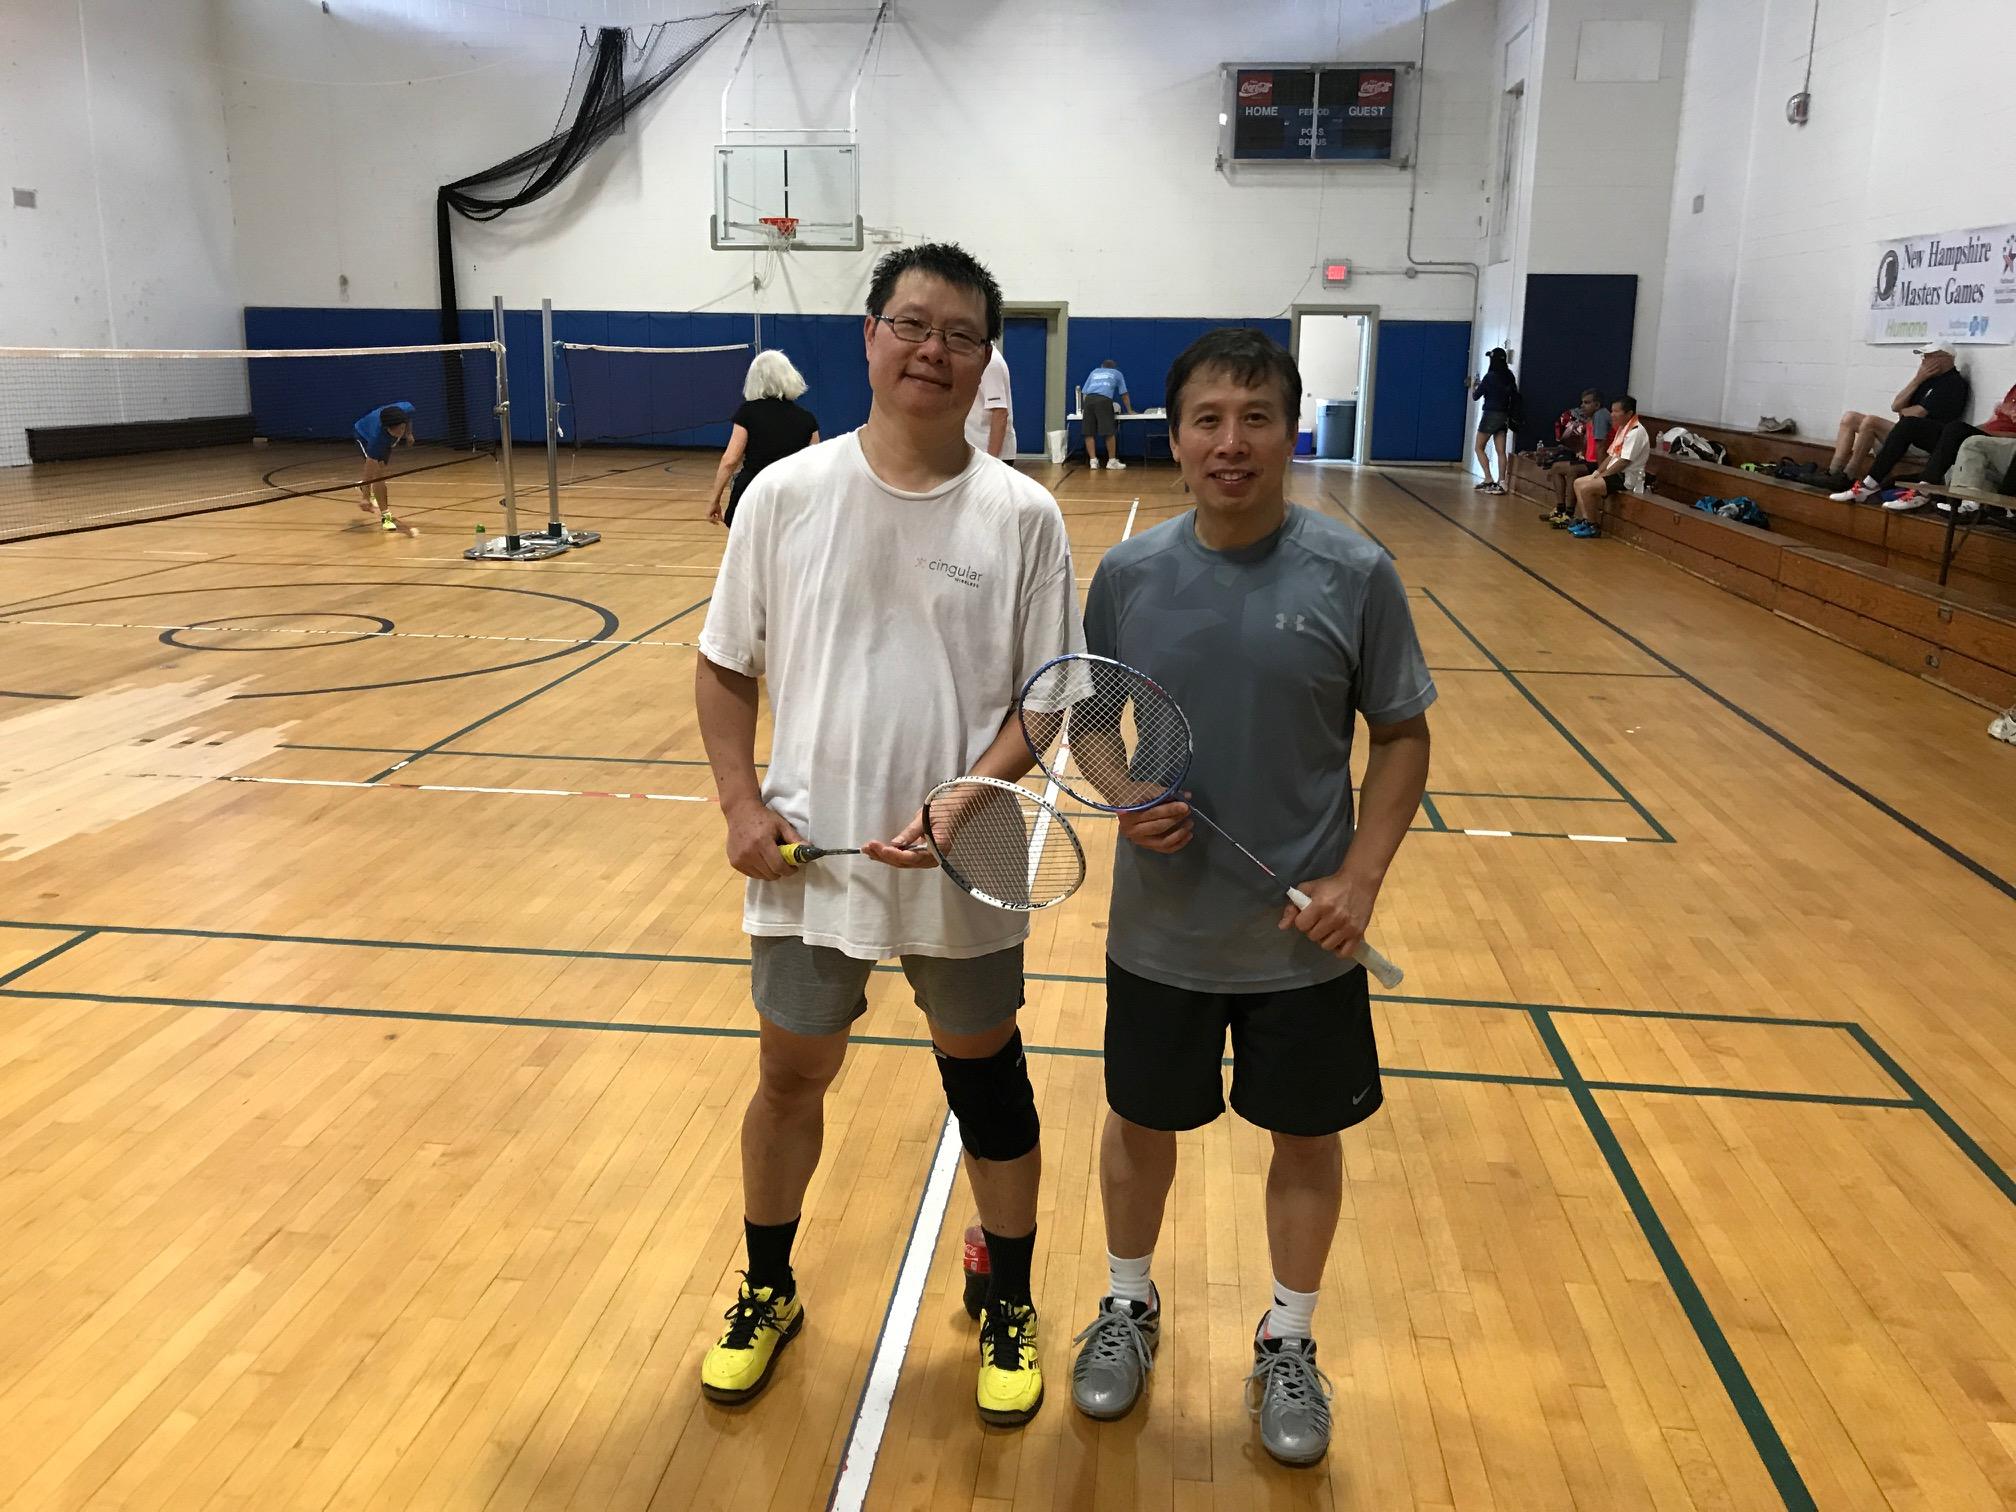 Net Gains 2017 Nh Senior Games Badminton Tourney Features